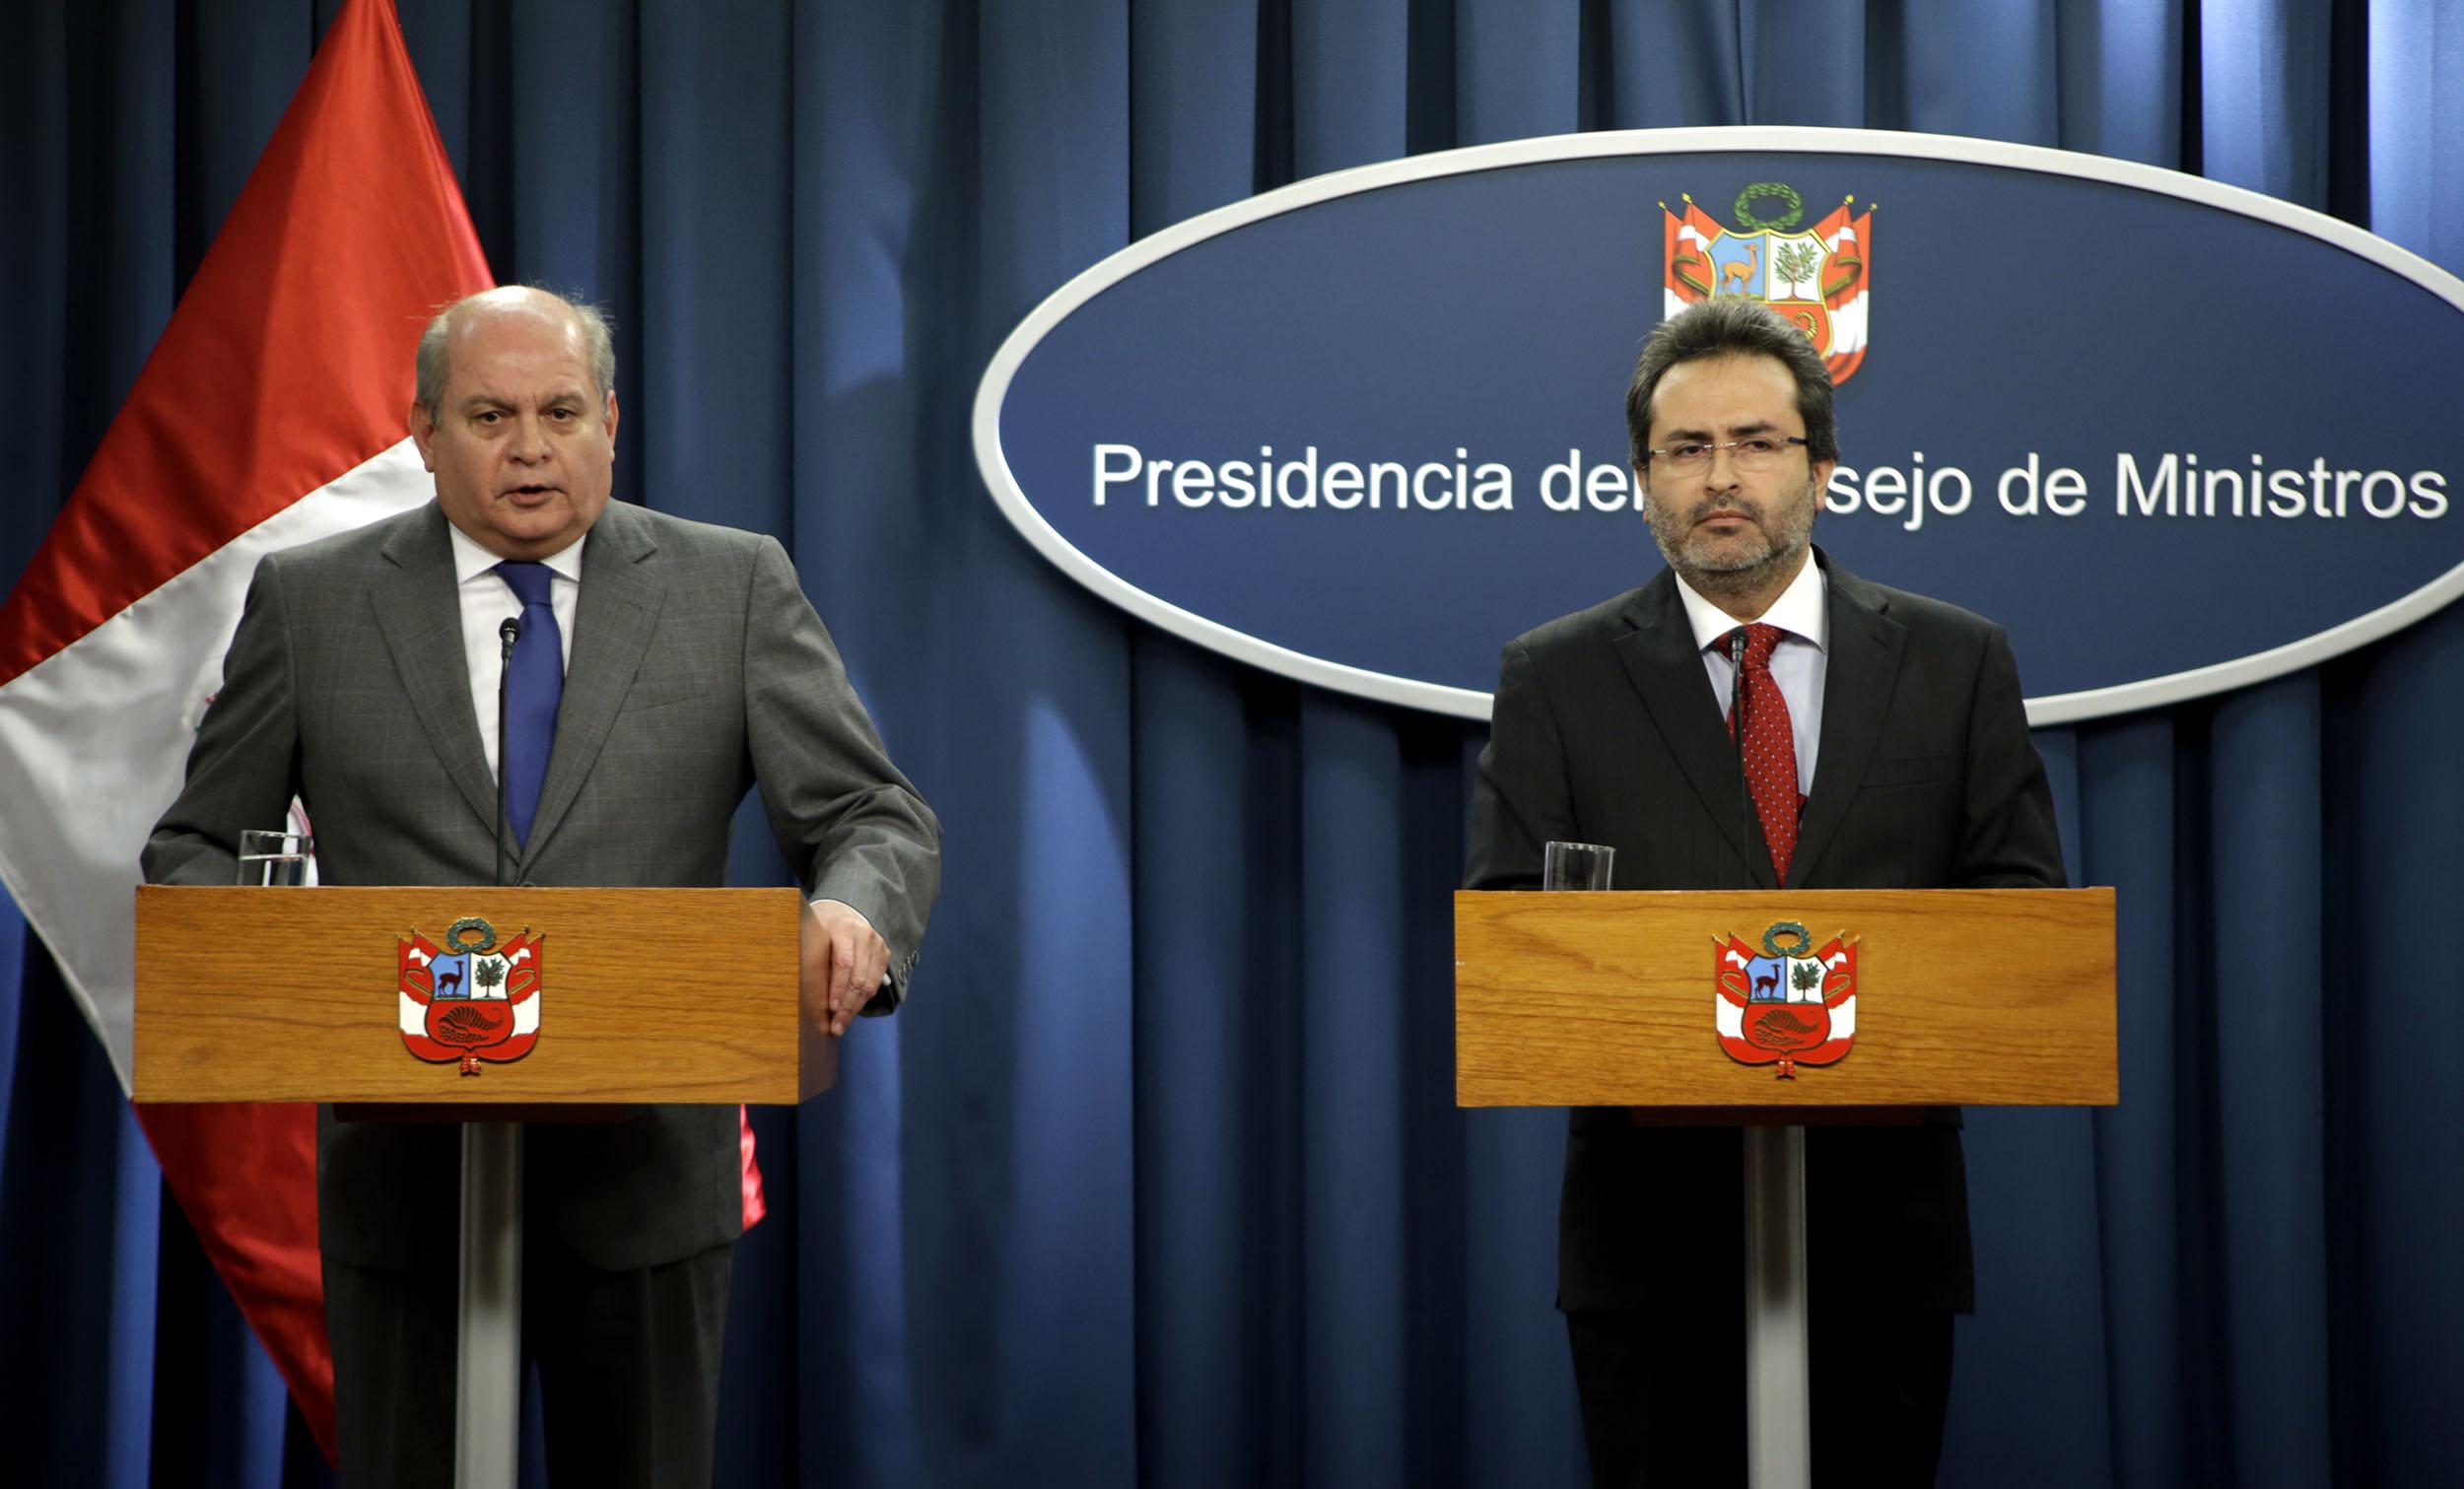 CONFERENCIA DE PRENSA EN LA PCM (8797249129).jpg Español: El primer Ministro, Juan Jimenez, el ministro de Defensa, Pedro Cateriano Bellido